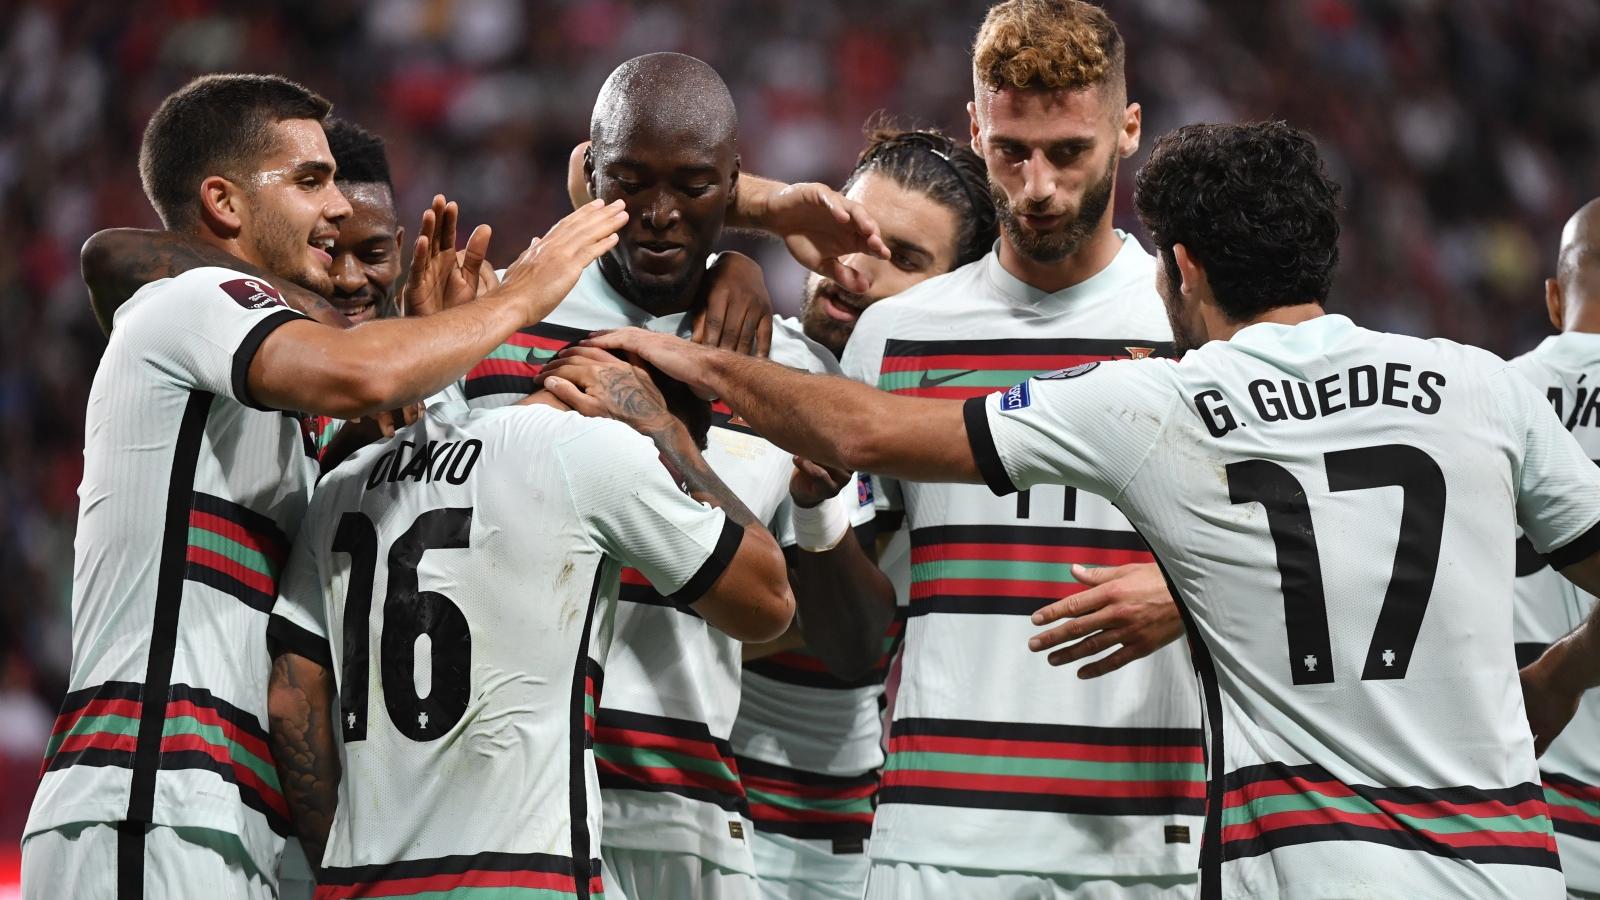 Không có Ronaldo, Bồ Đào Nha vẫn thắng dễ đội chủ nhà World Cup 2022